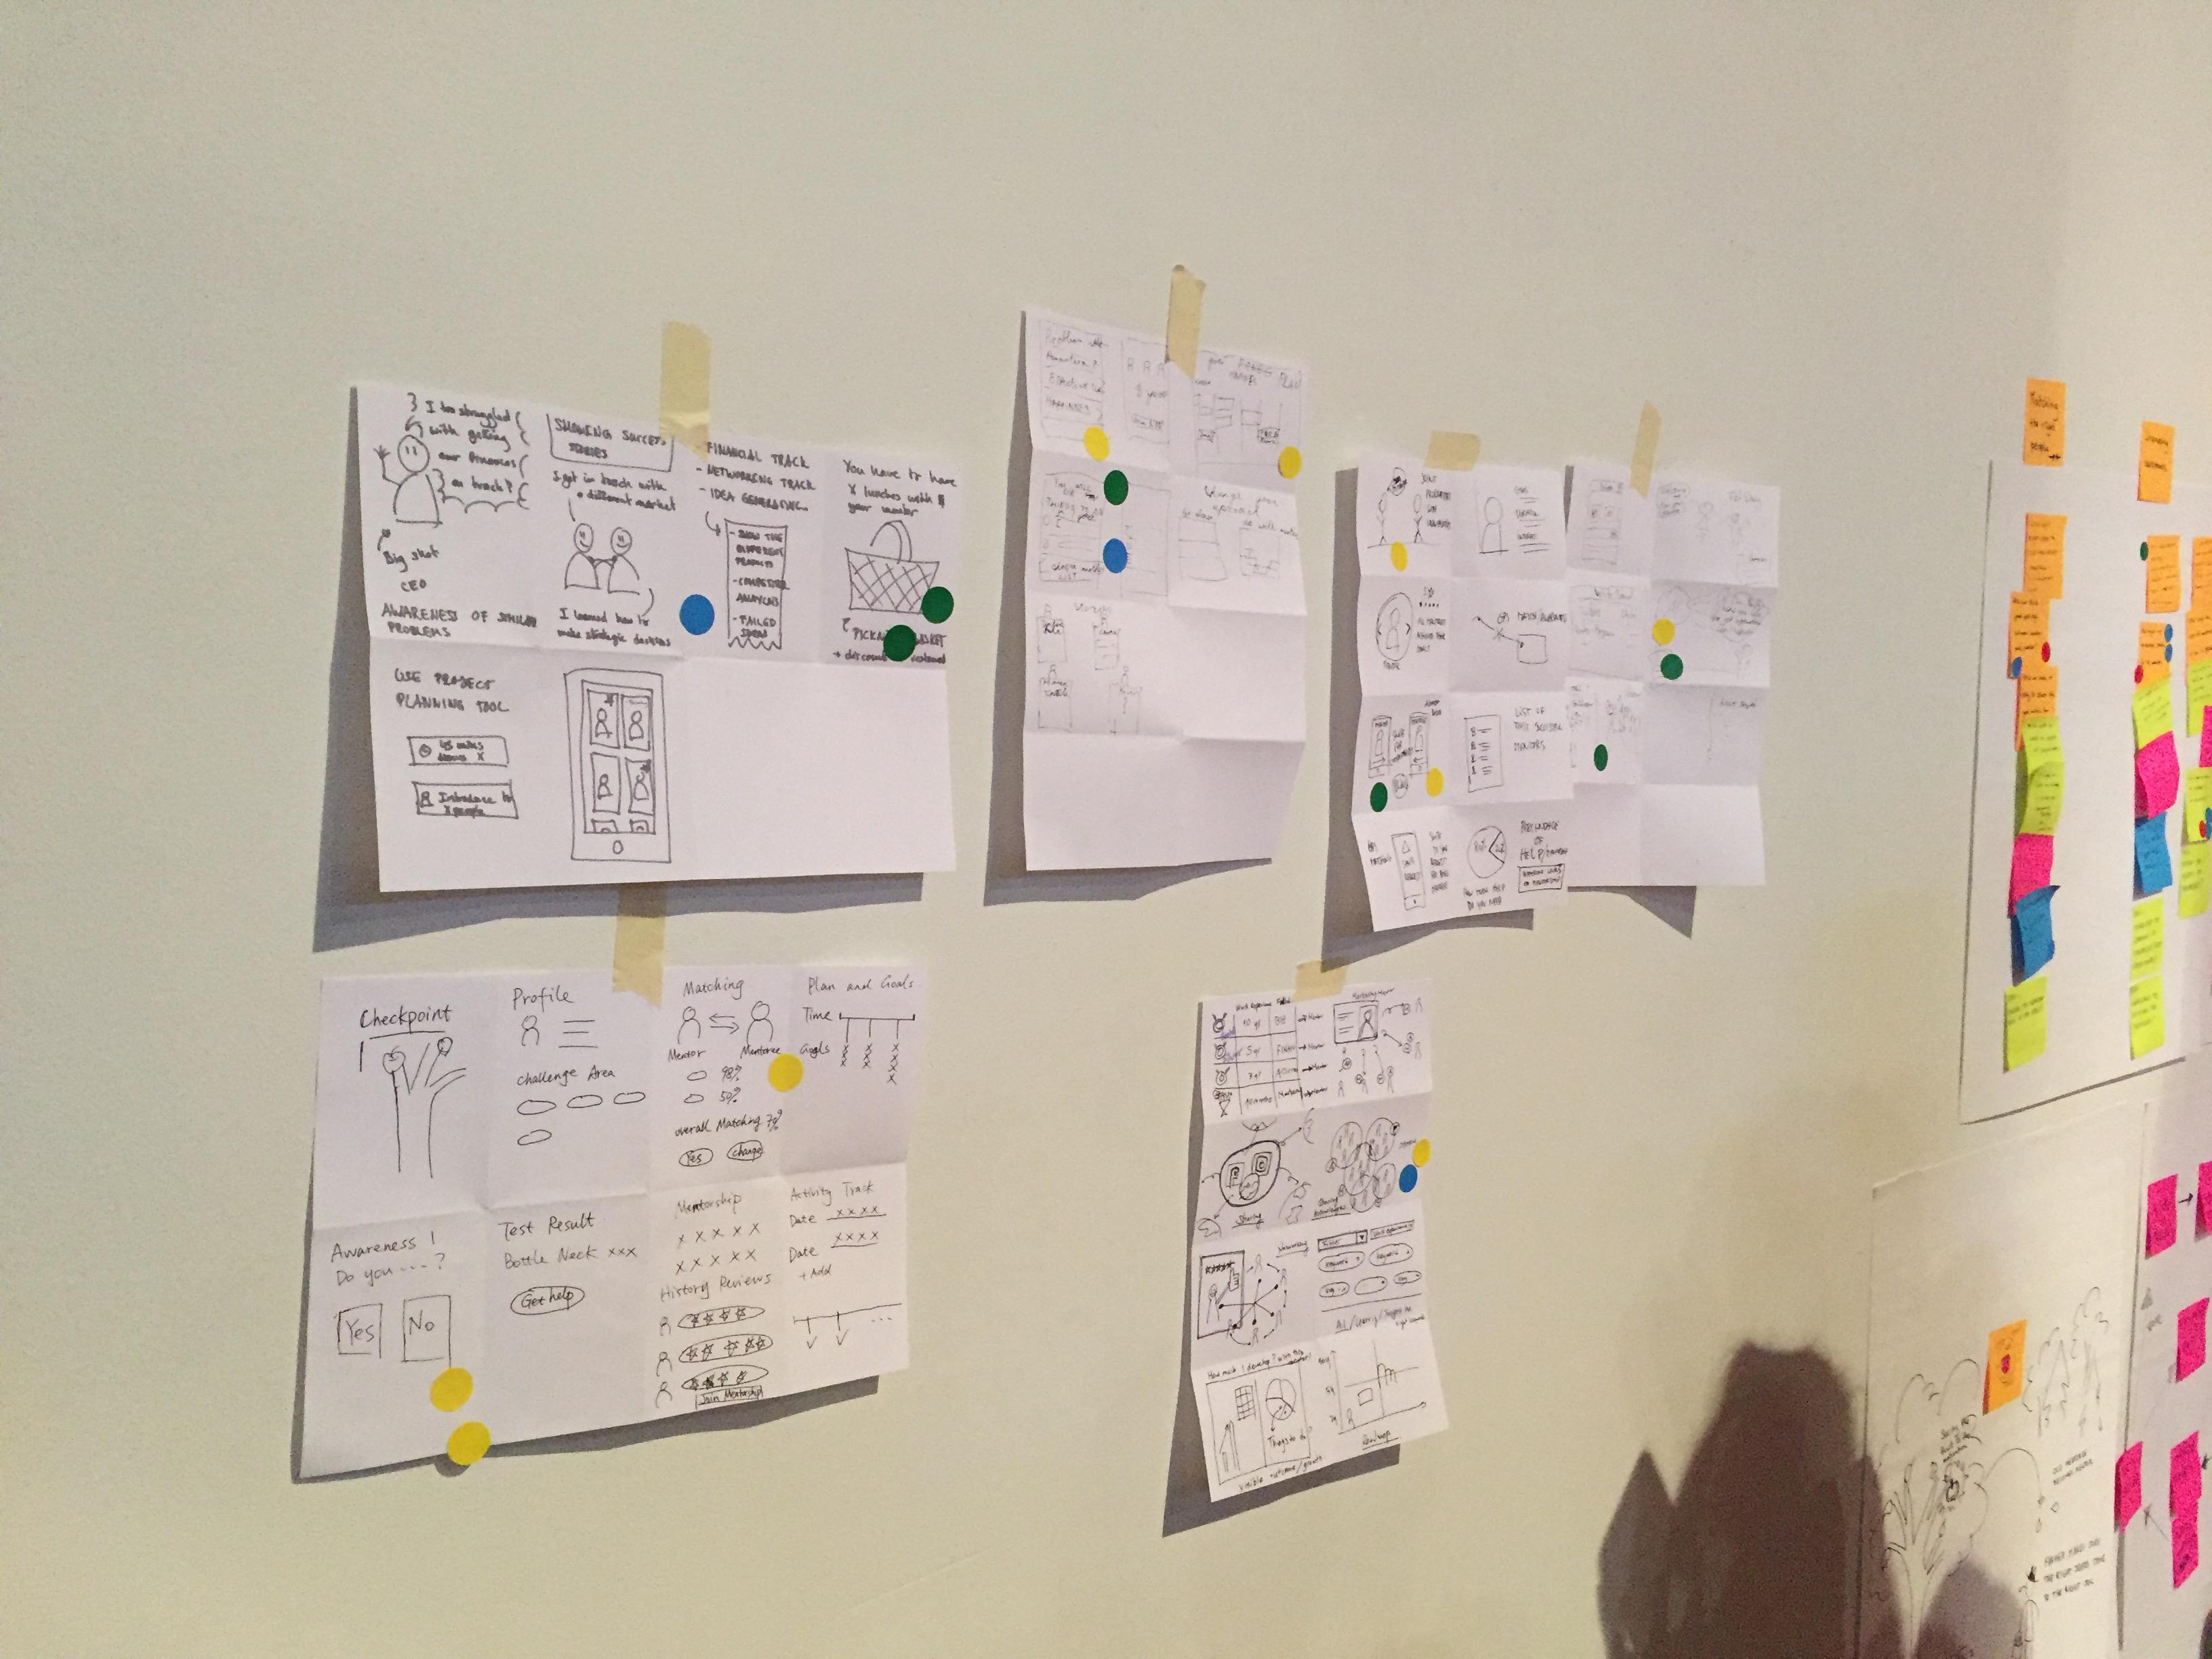 Workshop brainstorming